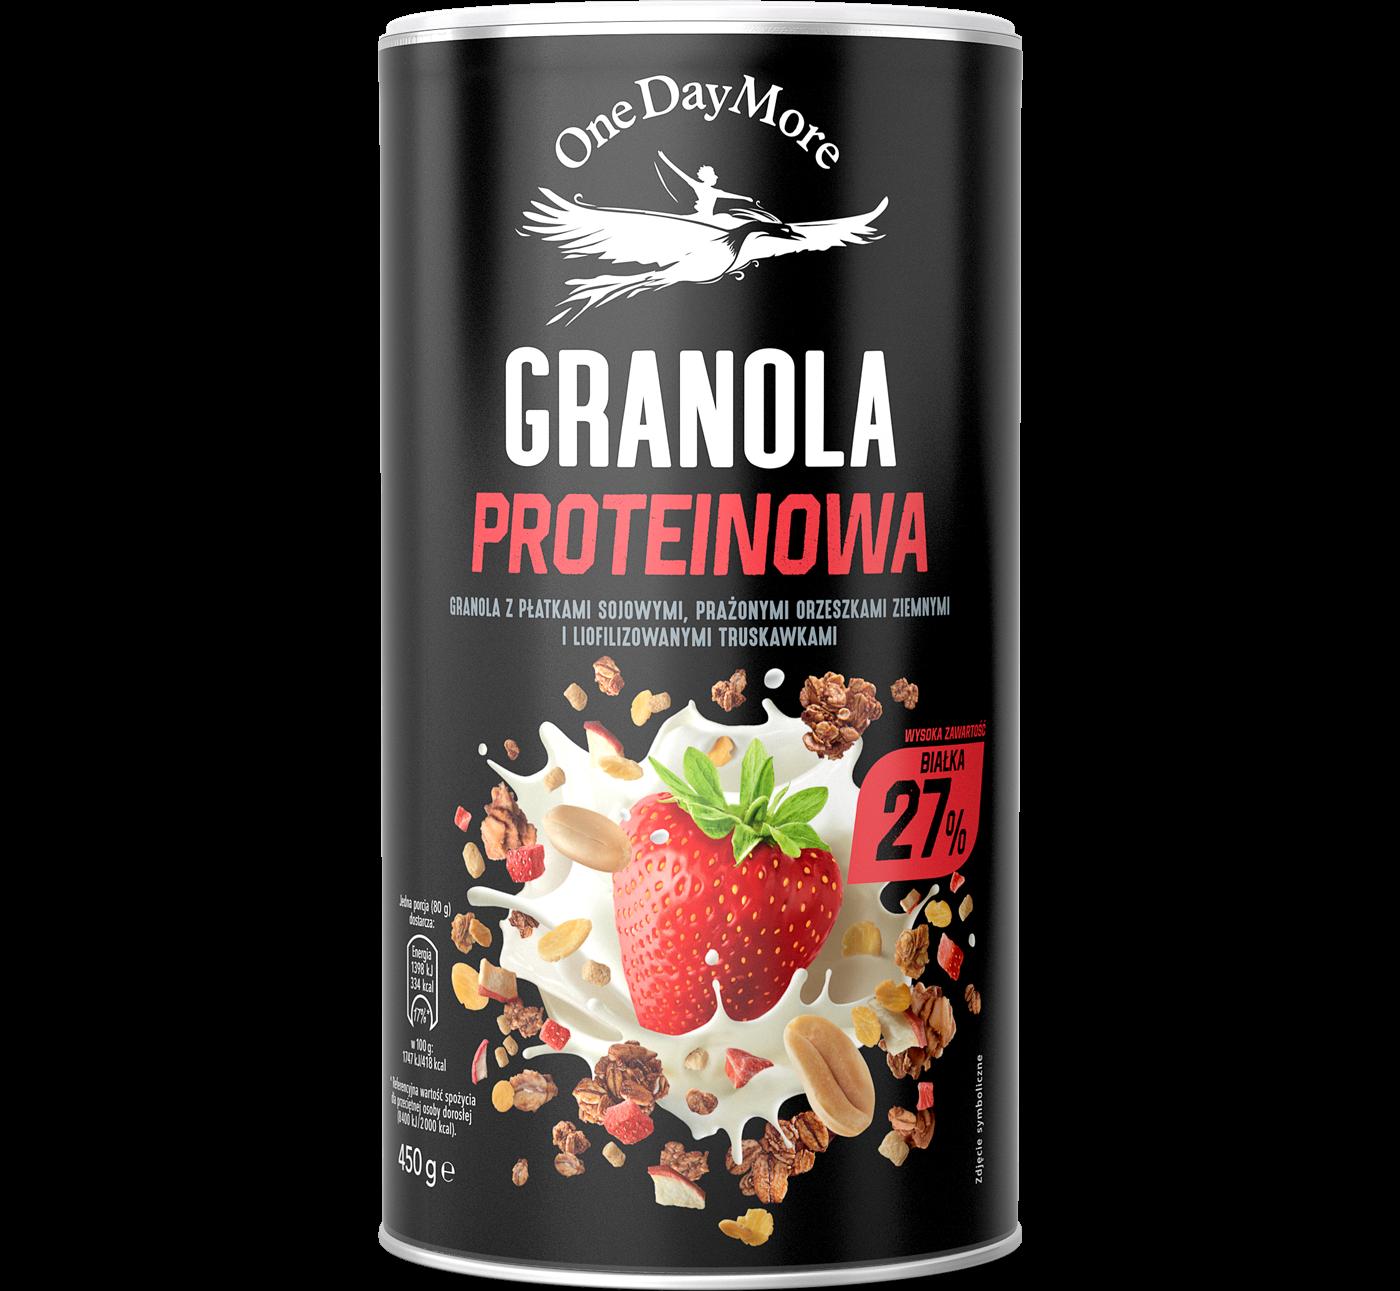 granola-proteinowa-onedaymore-1400×1291